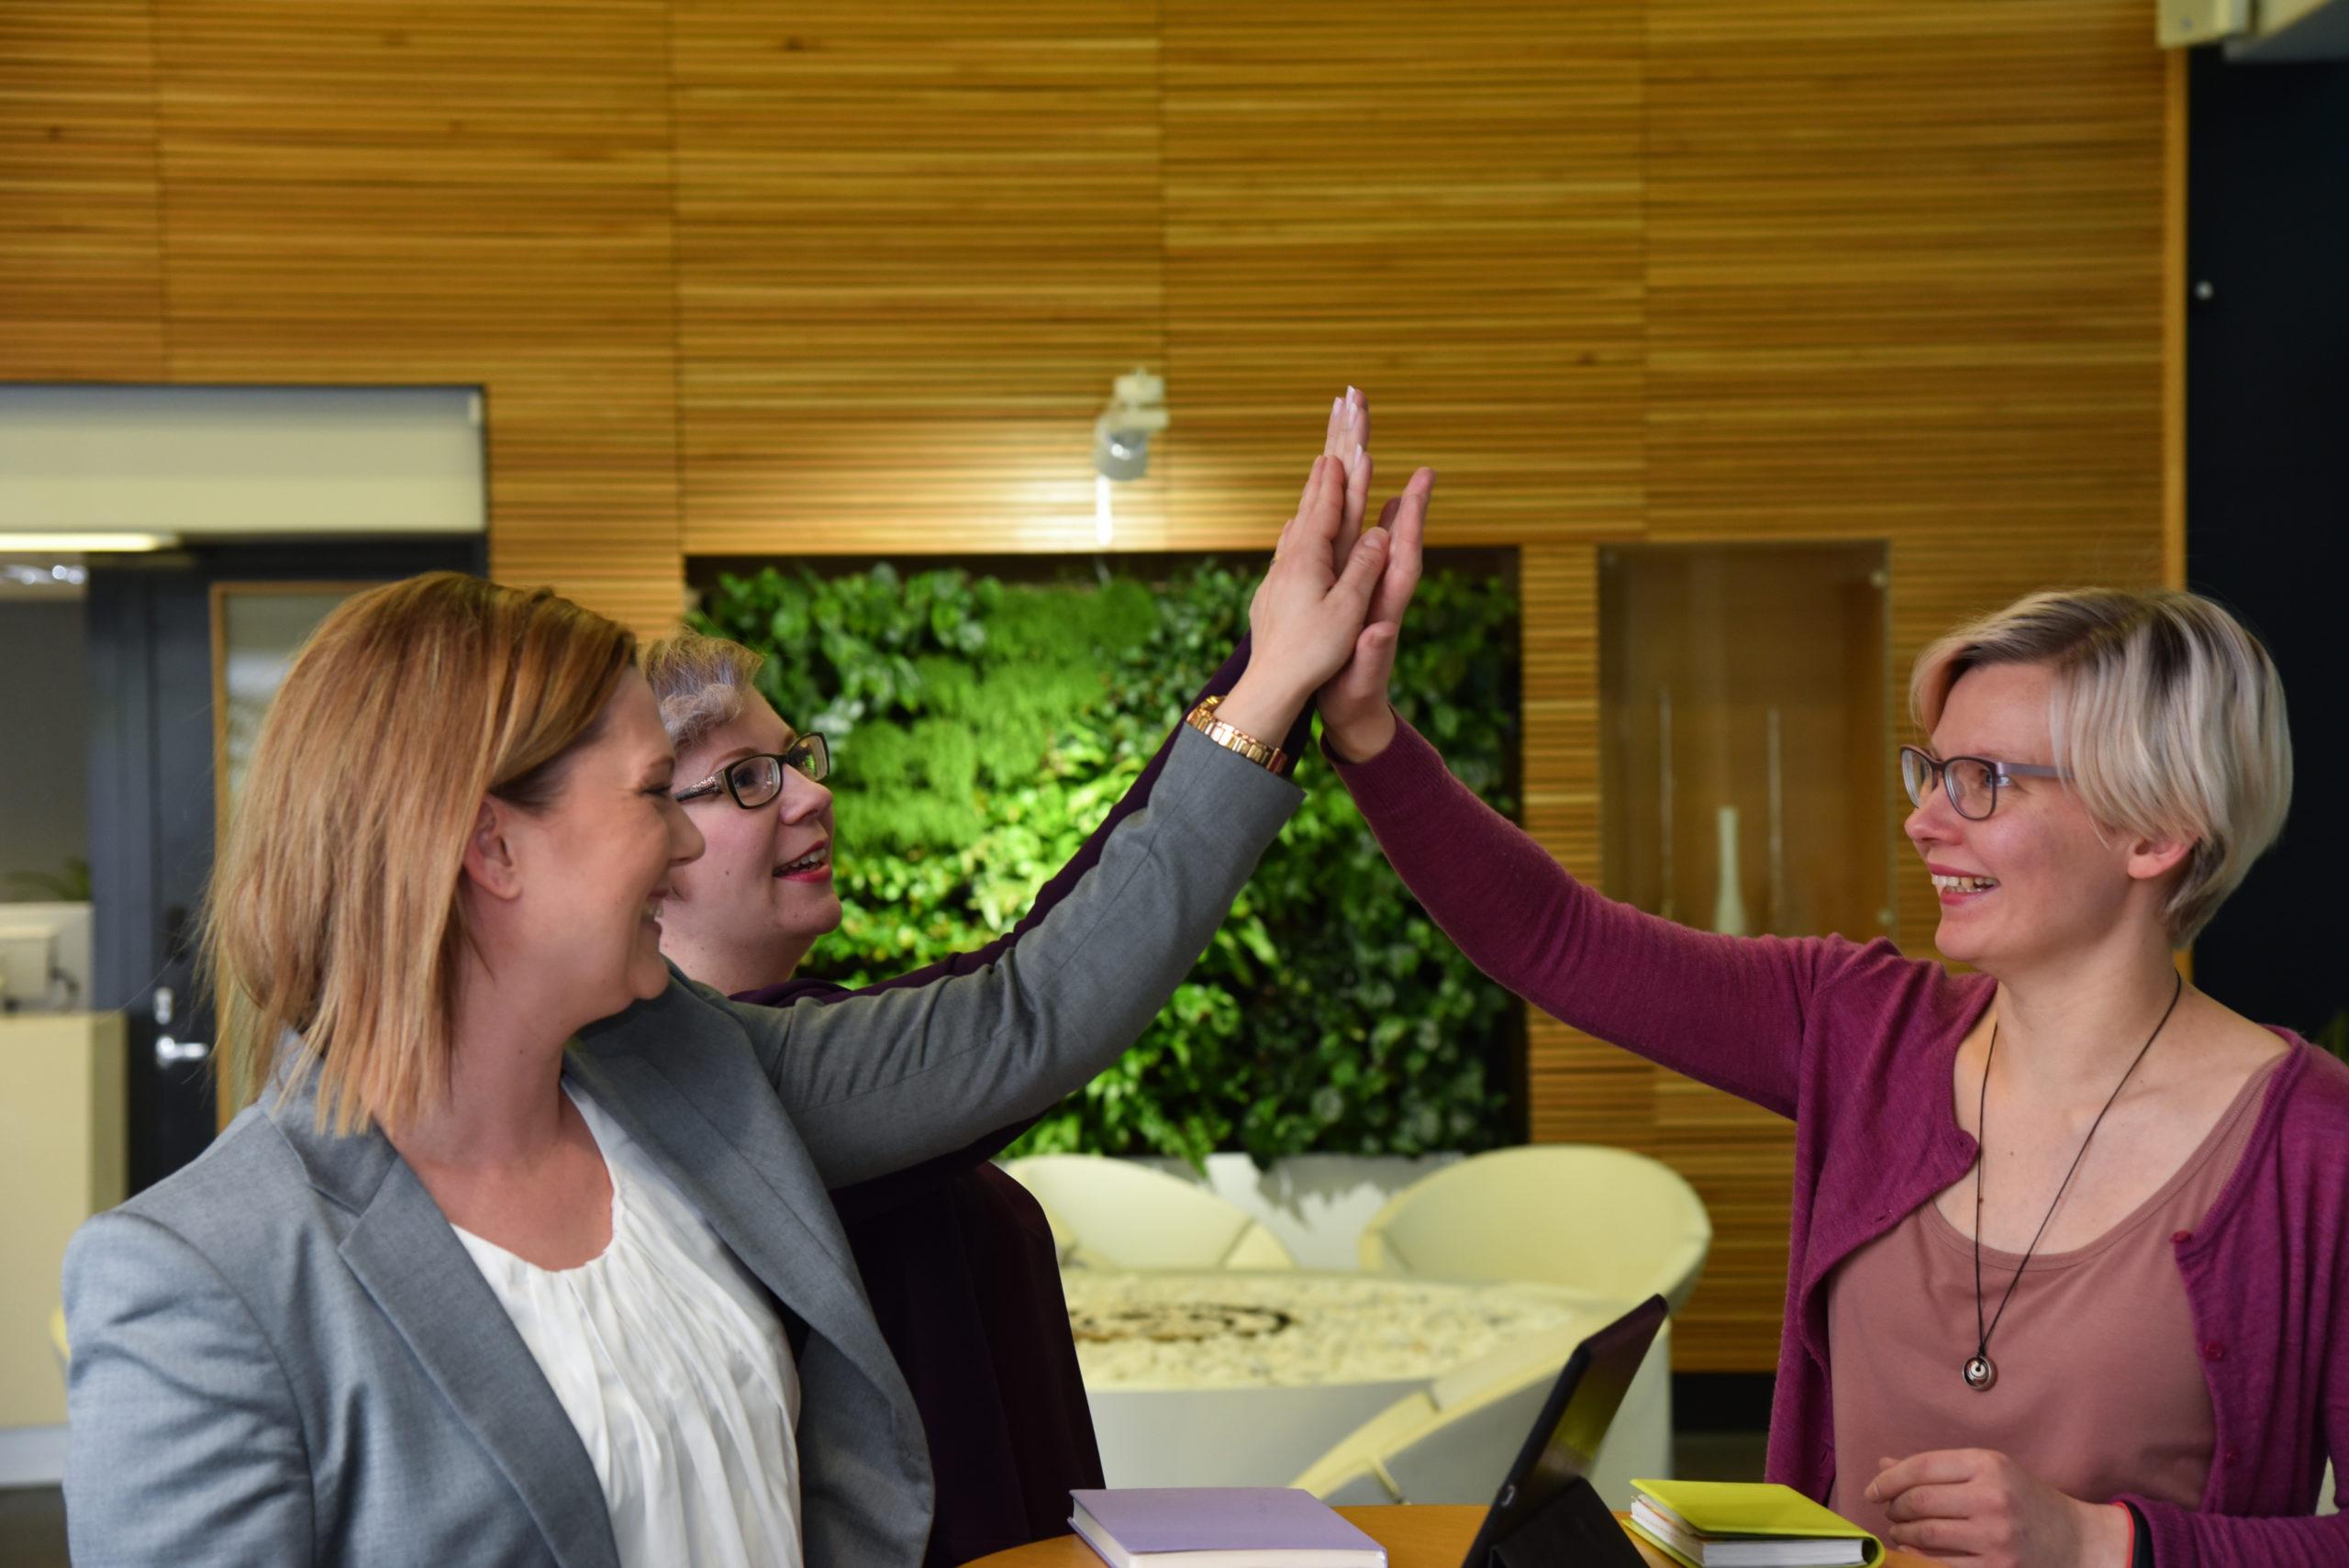 Kolme henkilöä lyö kädet yhteen, high five!